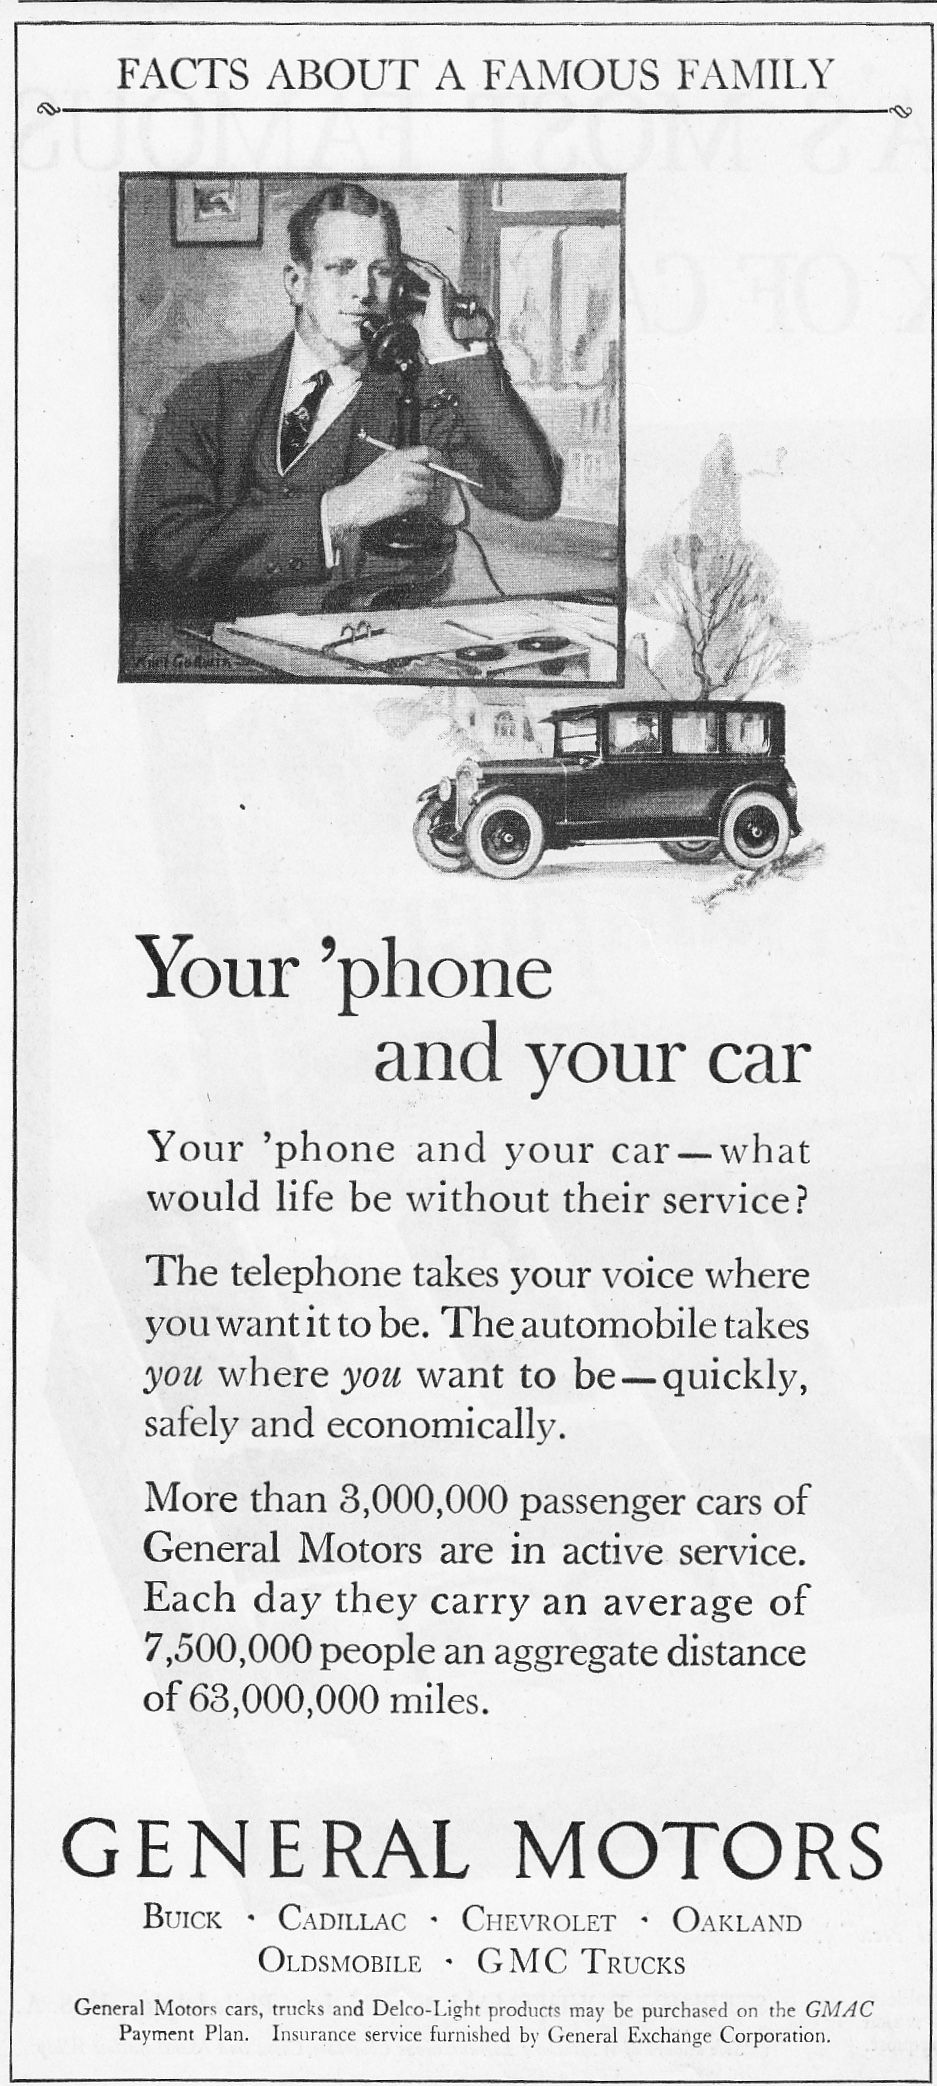 General Motors 1925 General Motors Passenger Motor